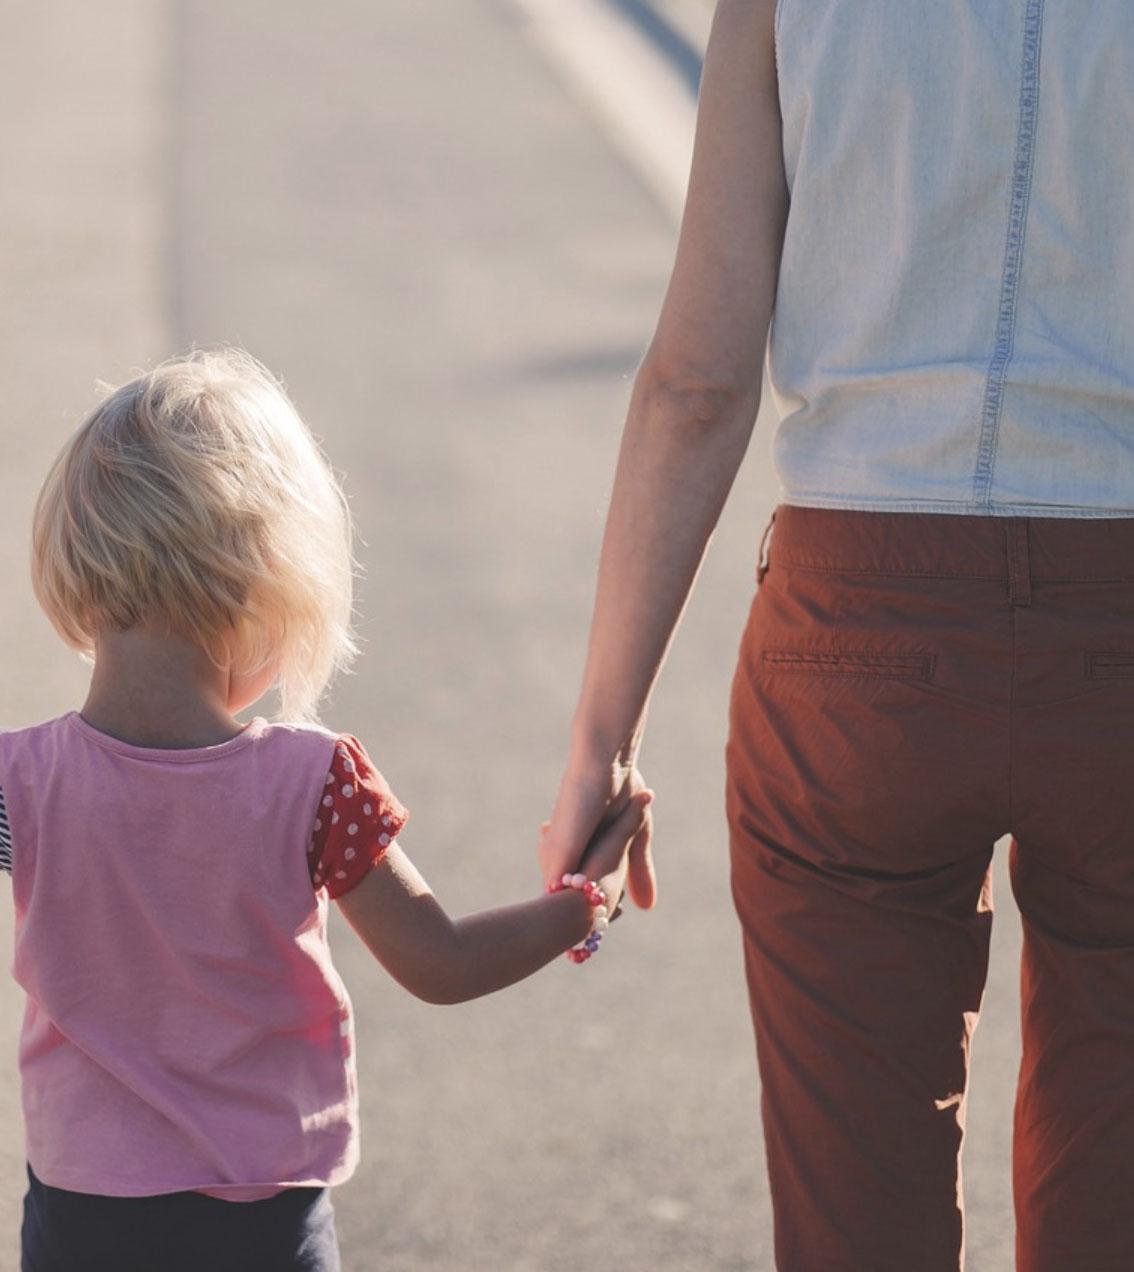 """Obca kobieta osaczyła mamę z córeczką w sklepie. Wyszeptała: """"Pożegnaj się z mamusią"""""""